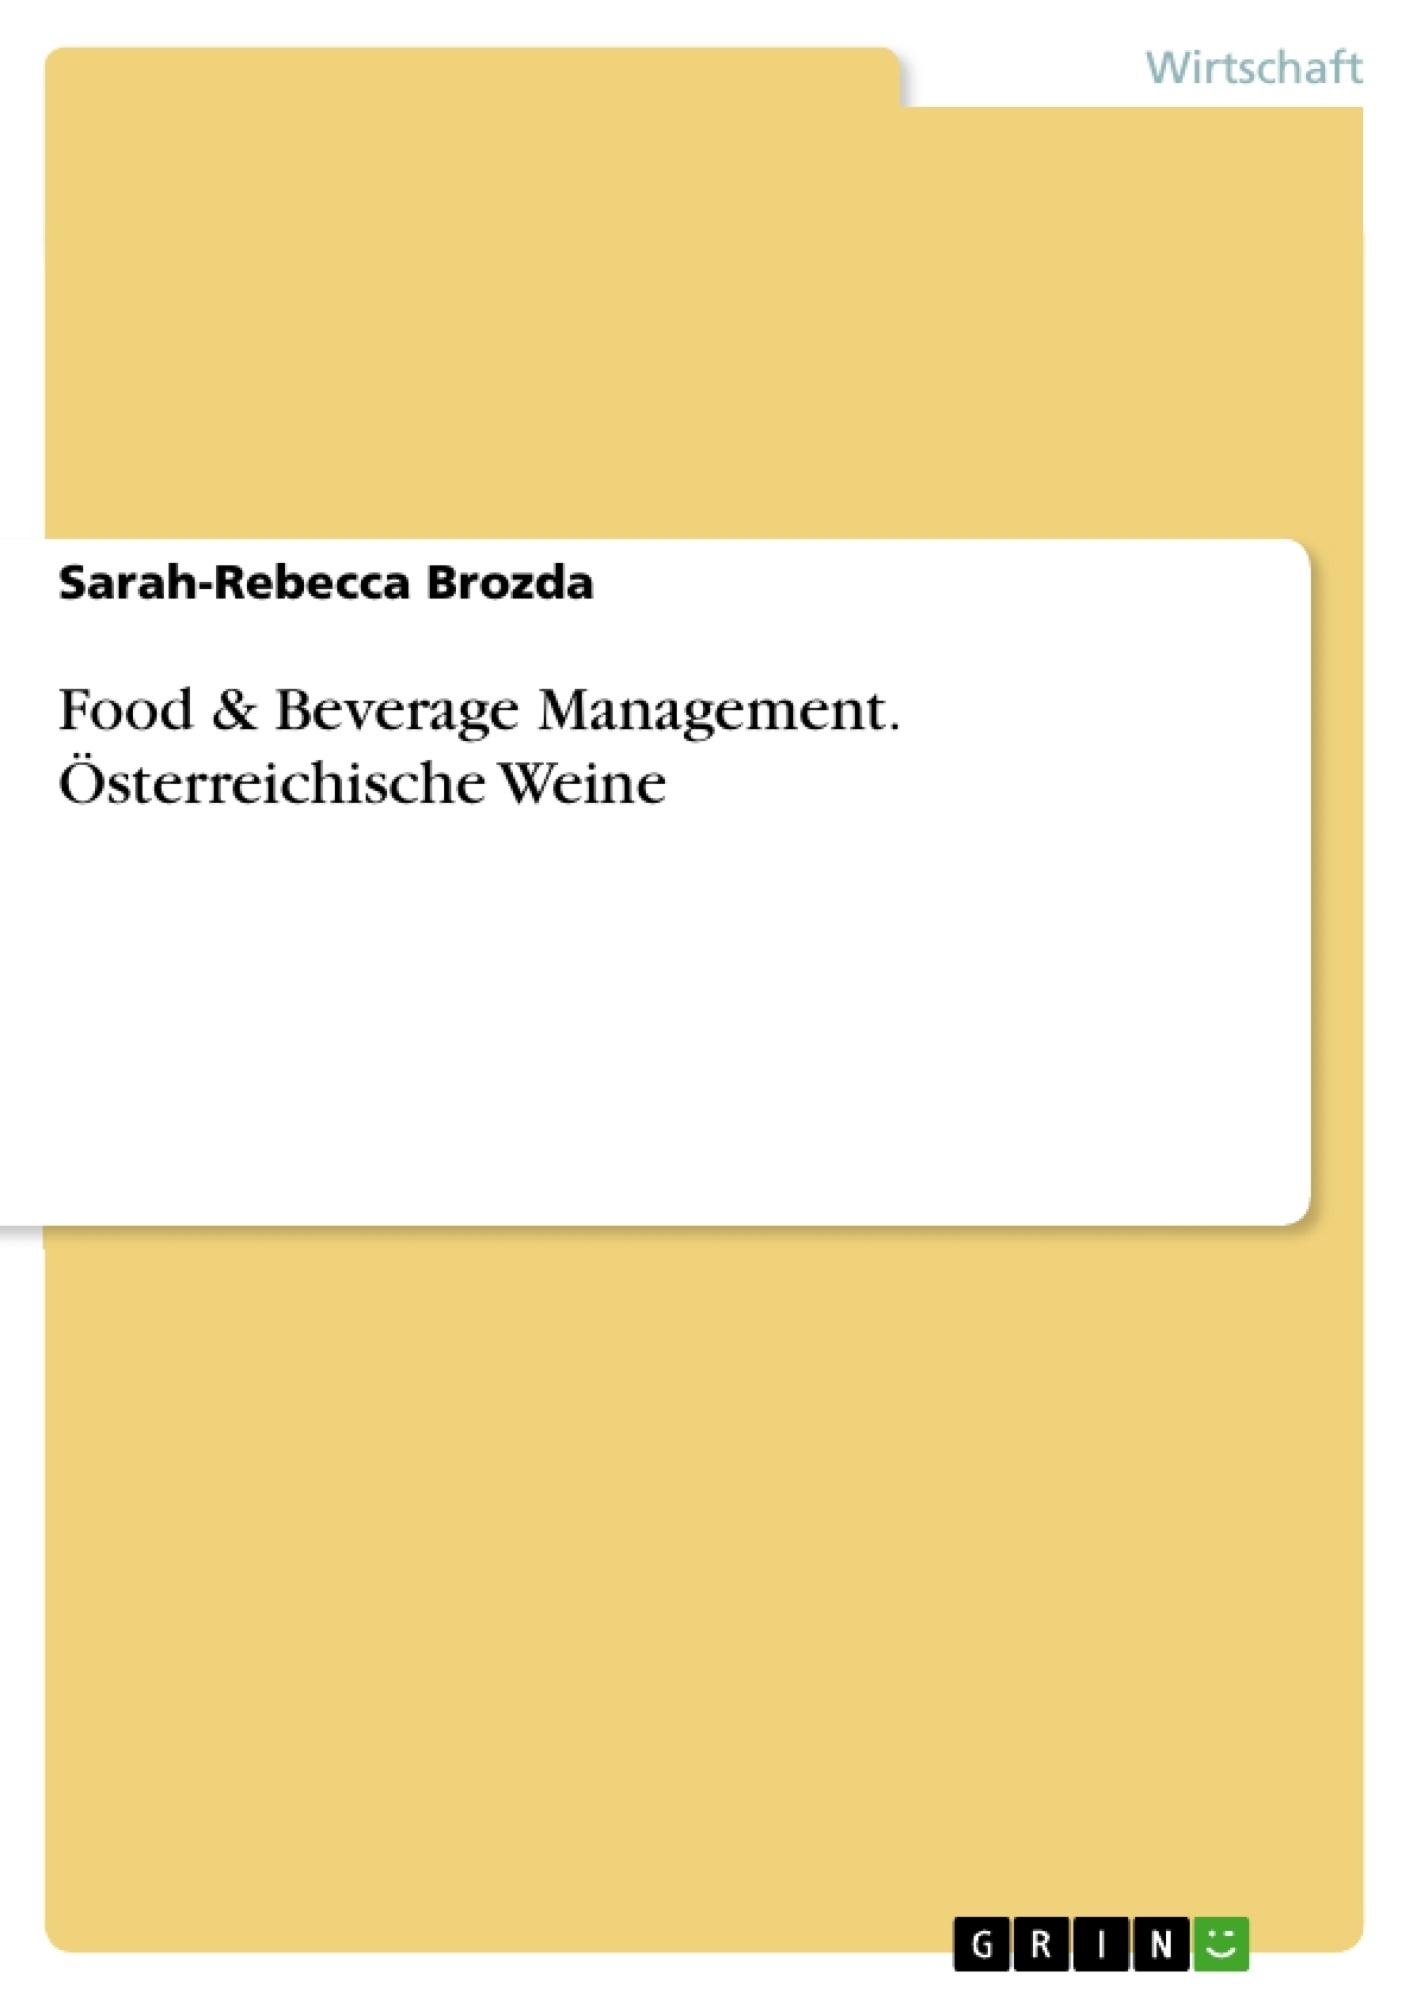 Titel: Food & Beverage Management. Österreichische Weine